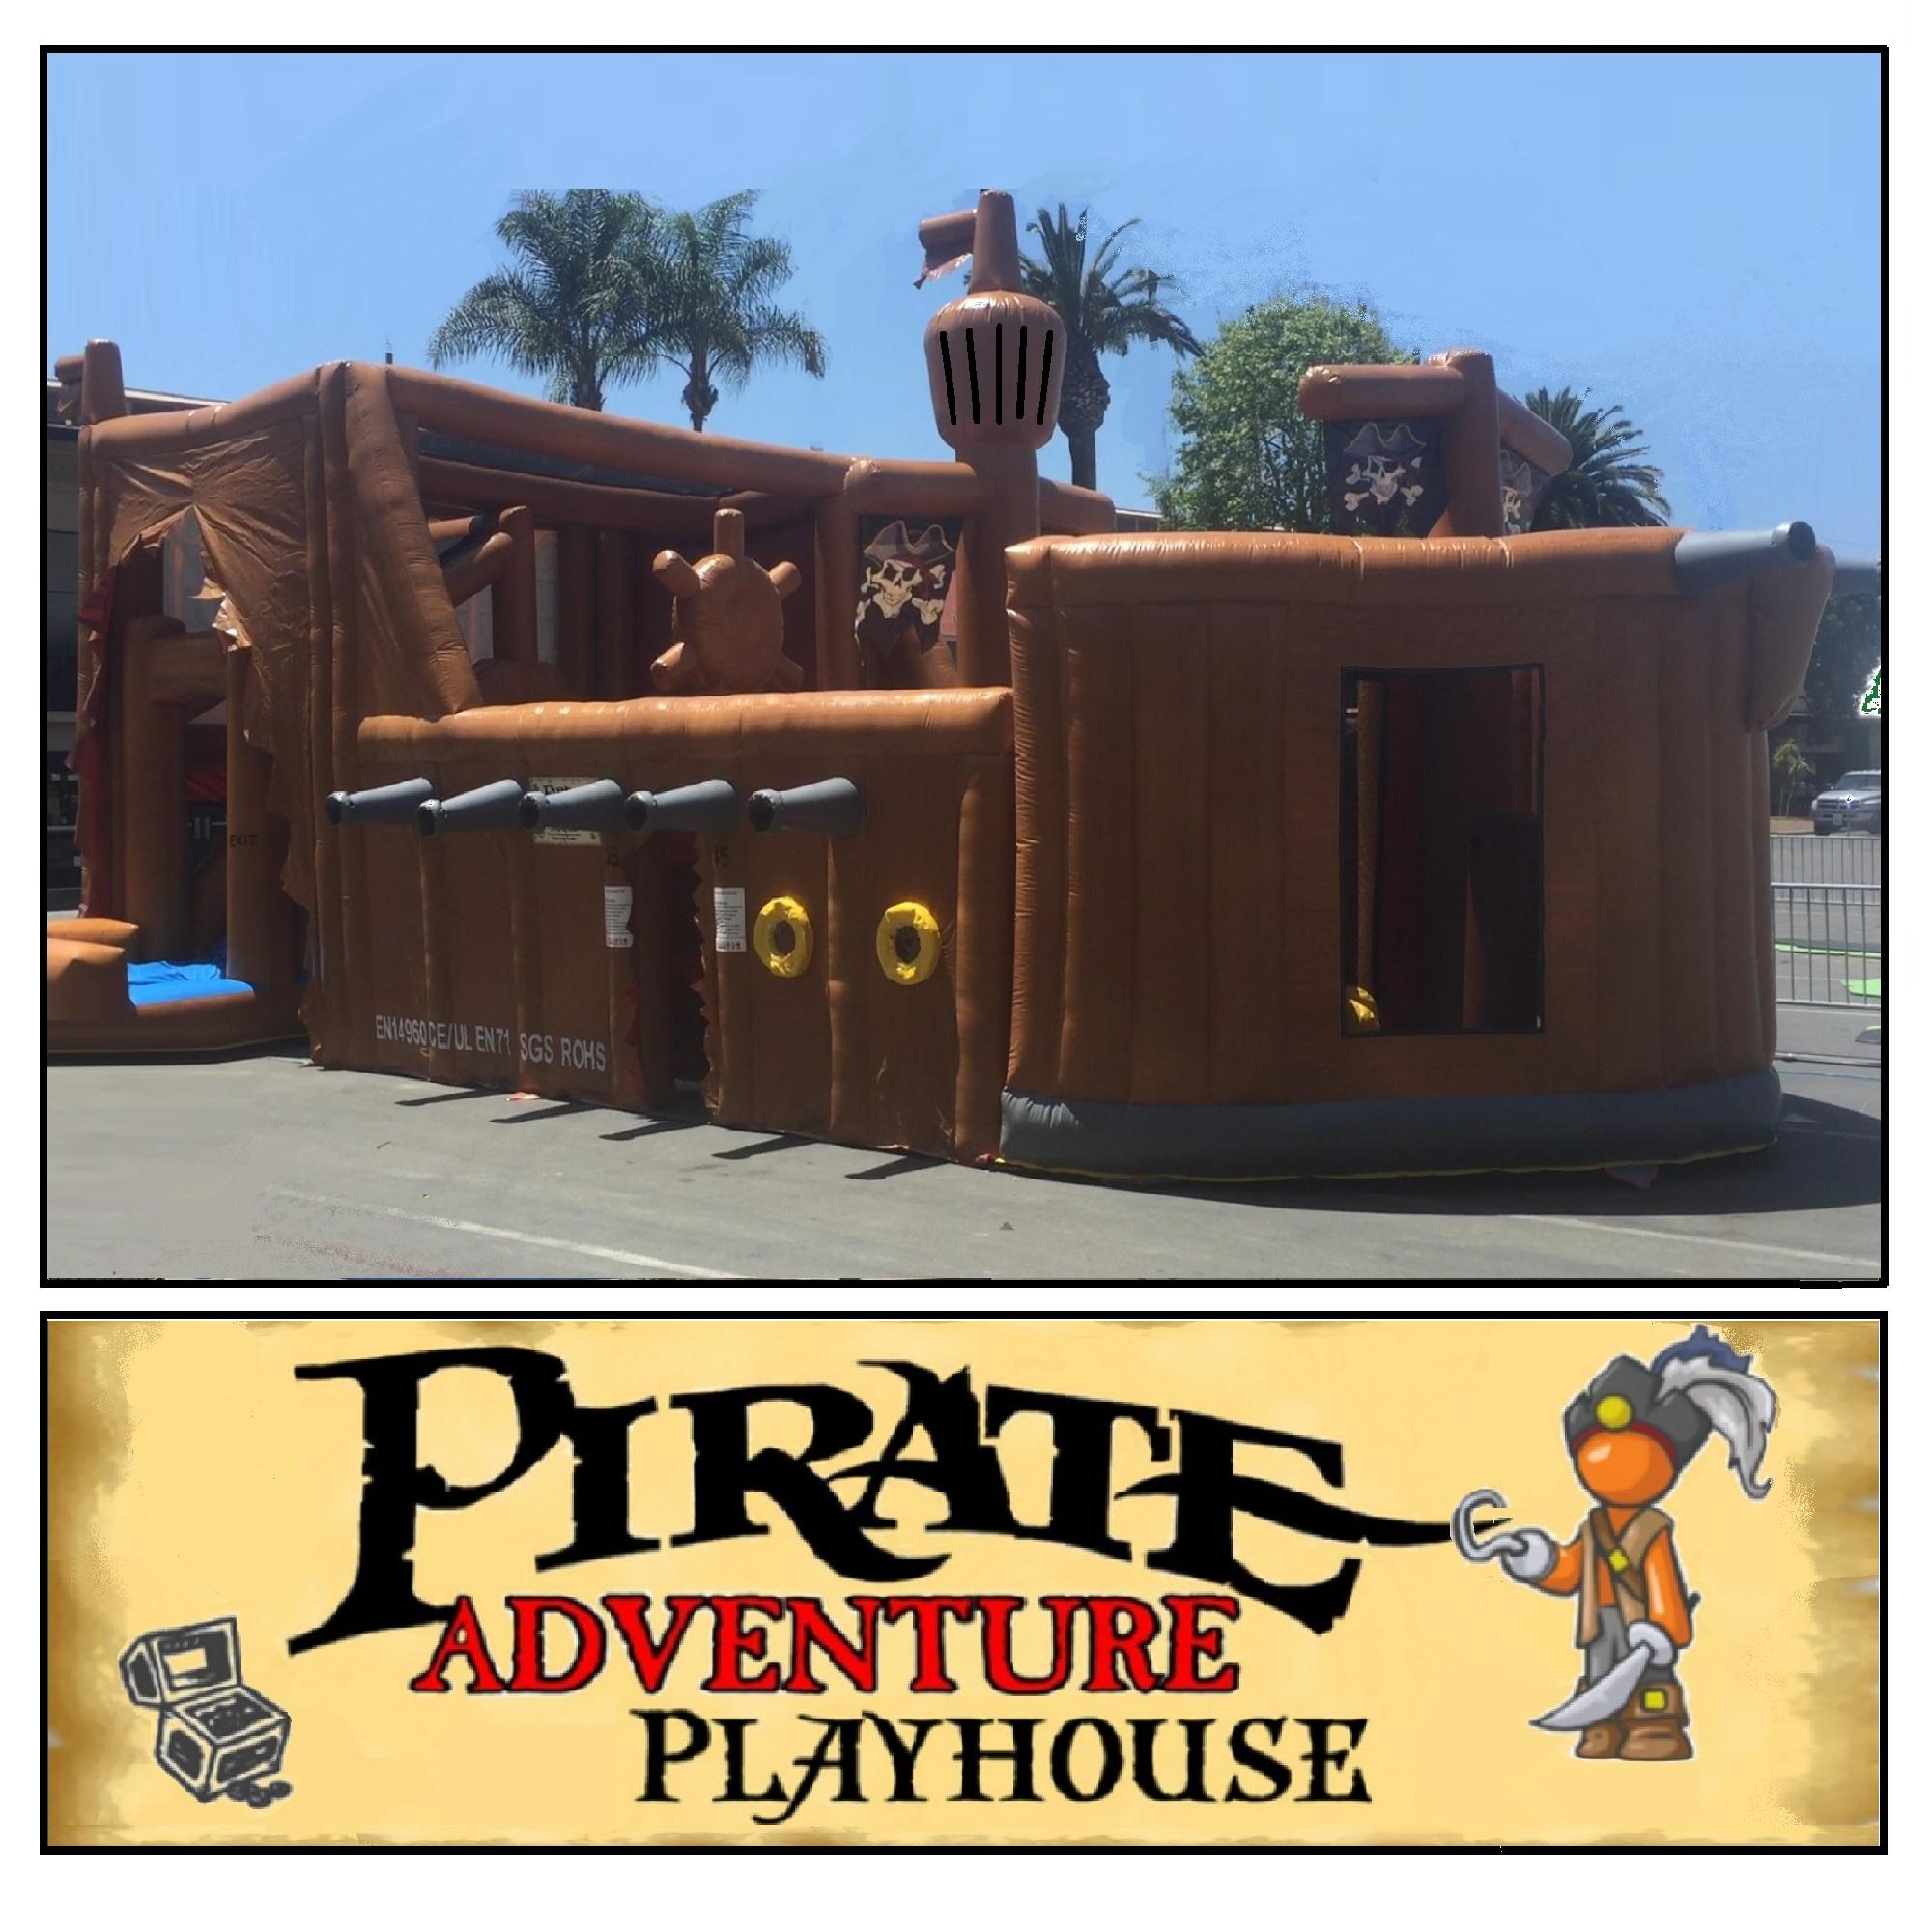 Pirate Ship Playhouse Adventure